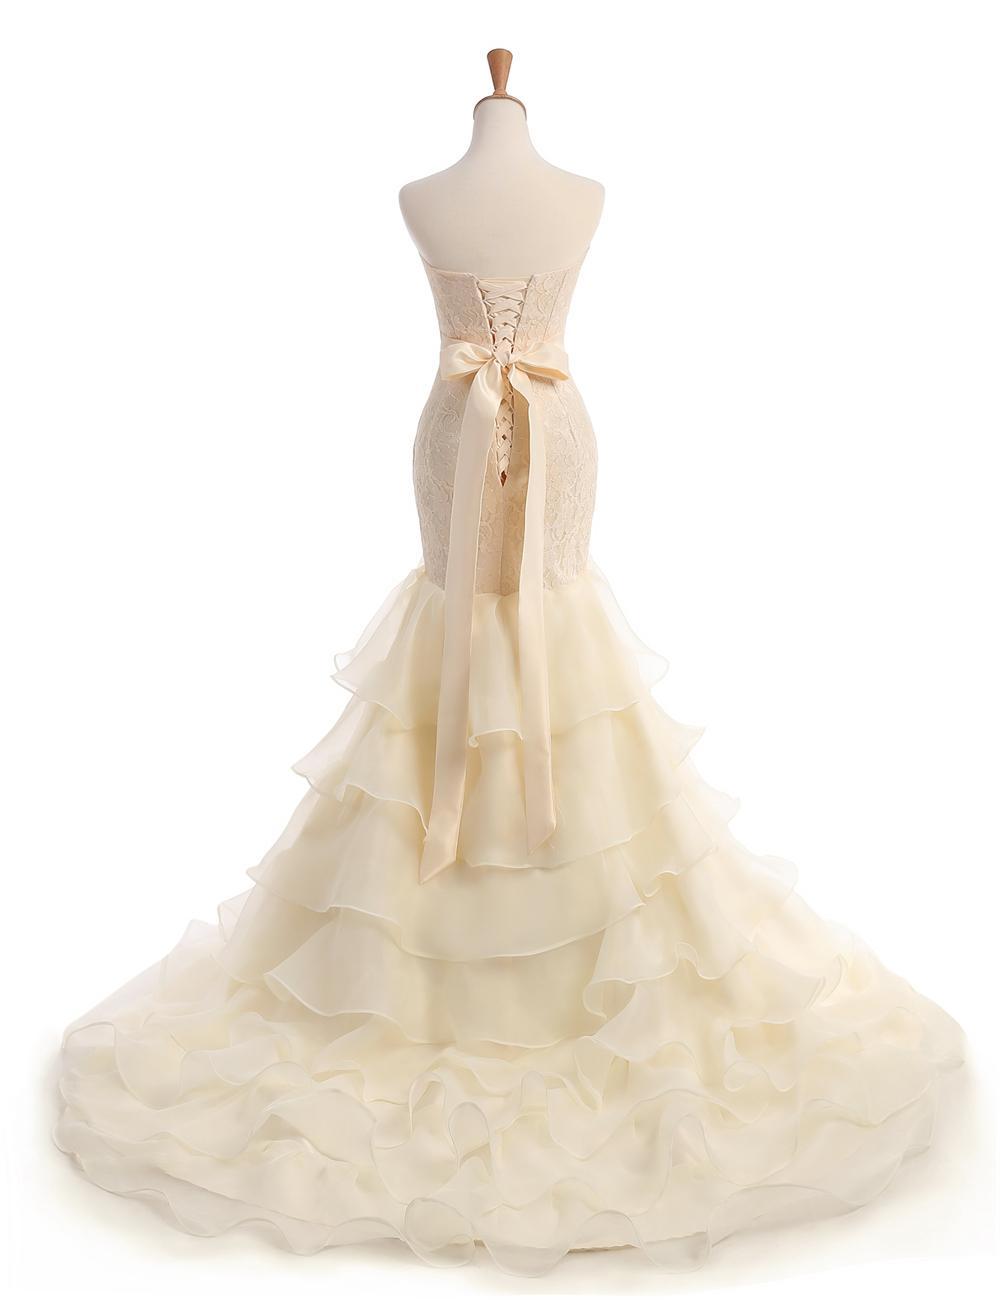 Dlhé svadobné šaty - 10 veľkostí - Obrázok č. 2